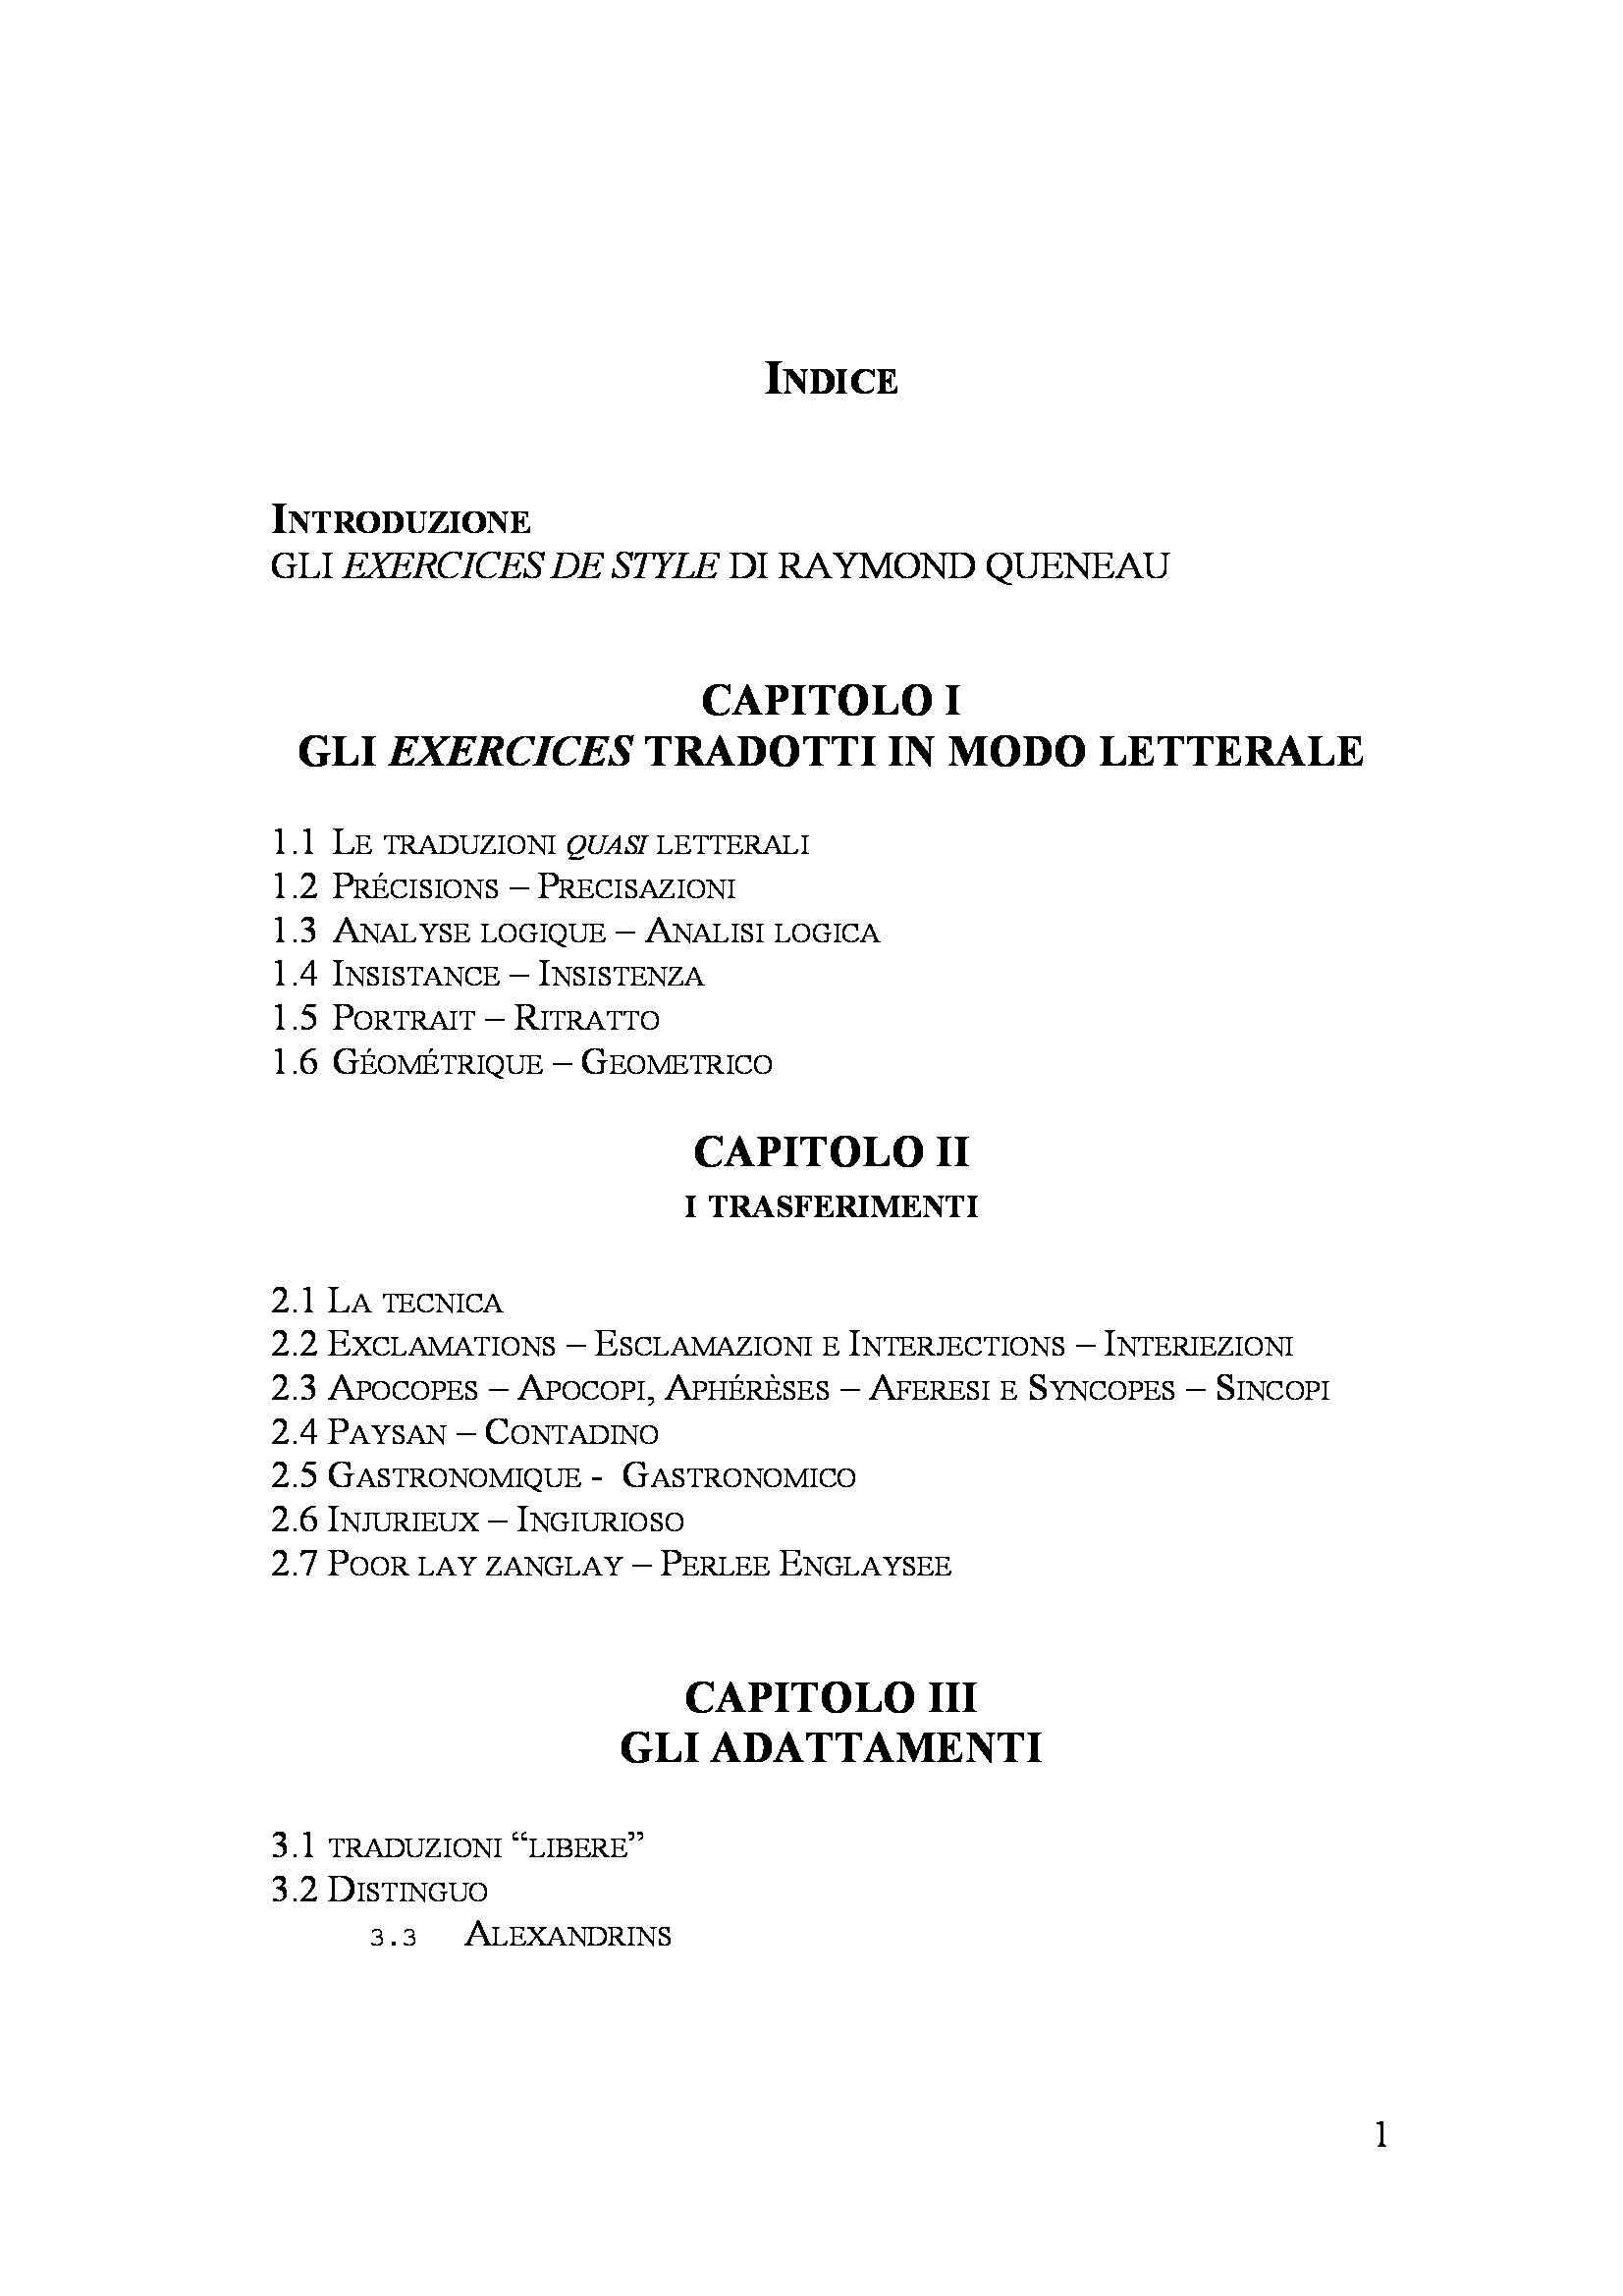 Tesi triennale - Gli Exercices de Style nella traduzione di Umberto Eco